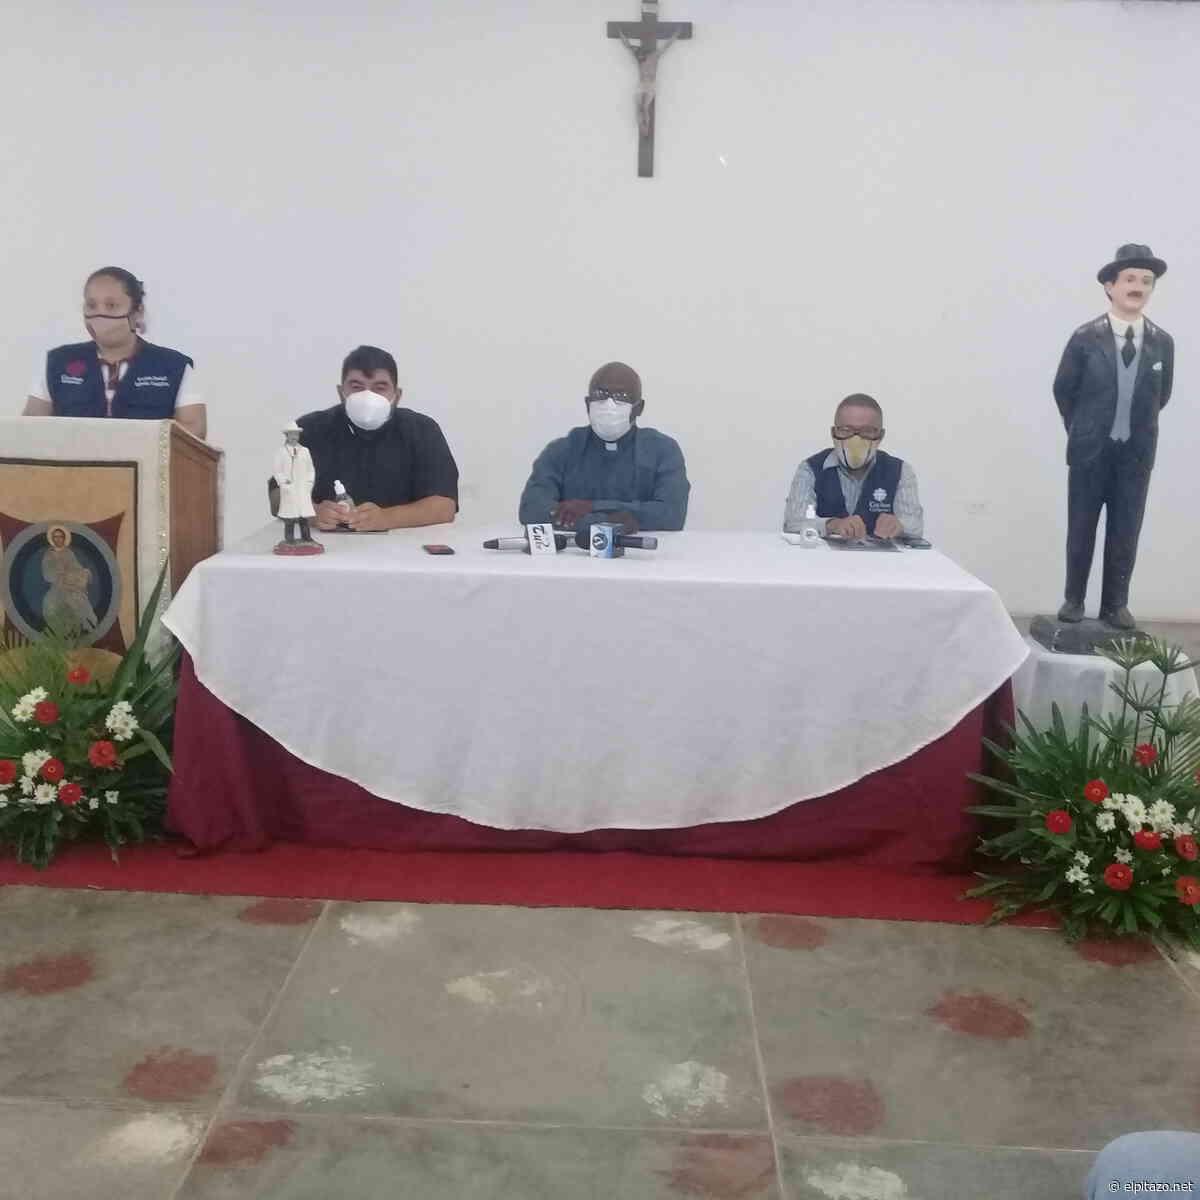 Sucre | Conoce como se prepara Carúpano para la beatificación del Siervo de Dios - El Pitazo